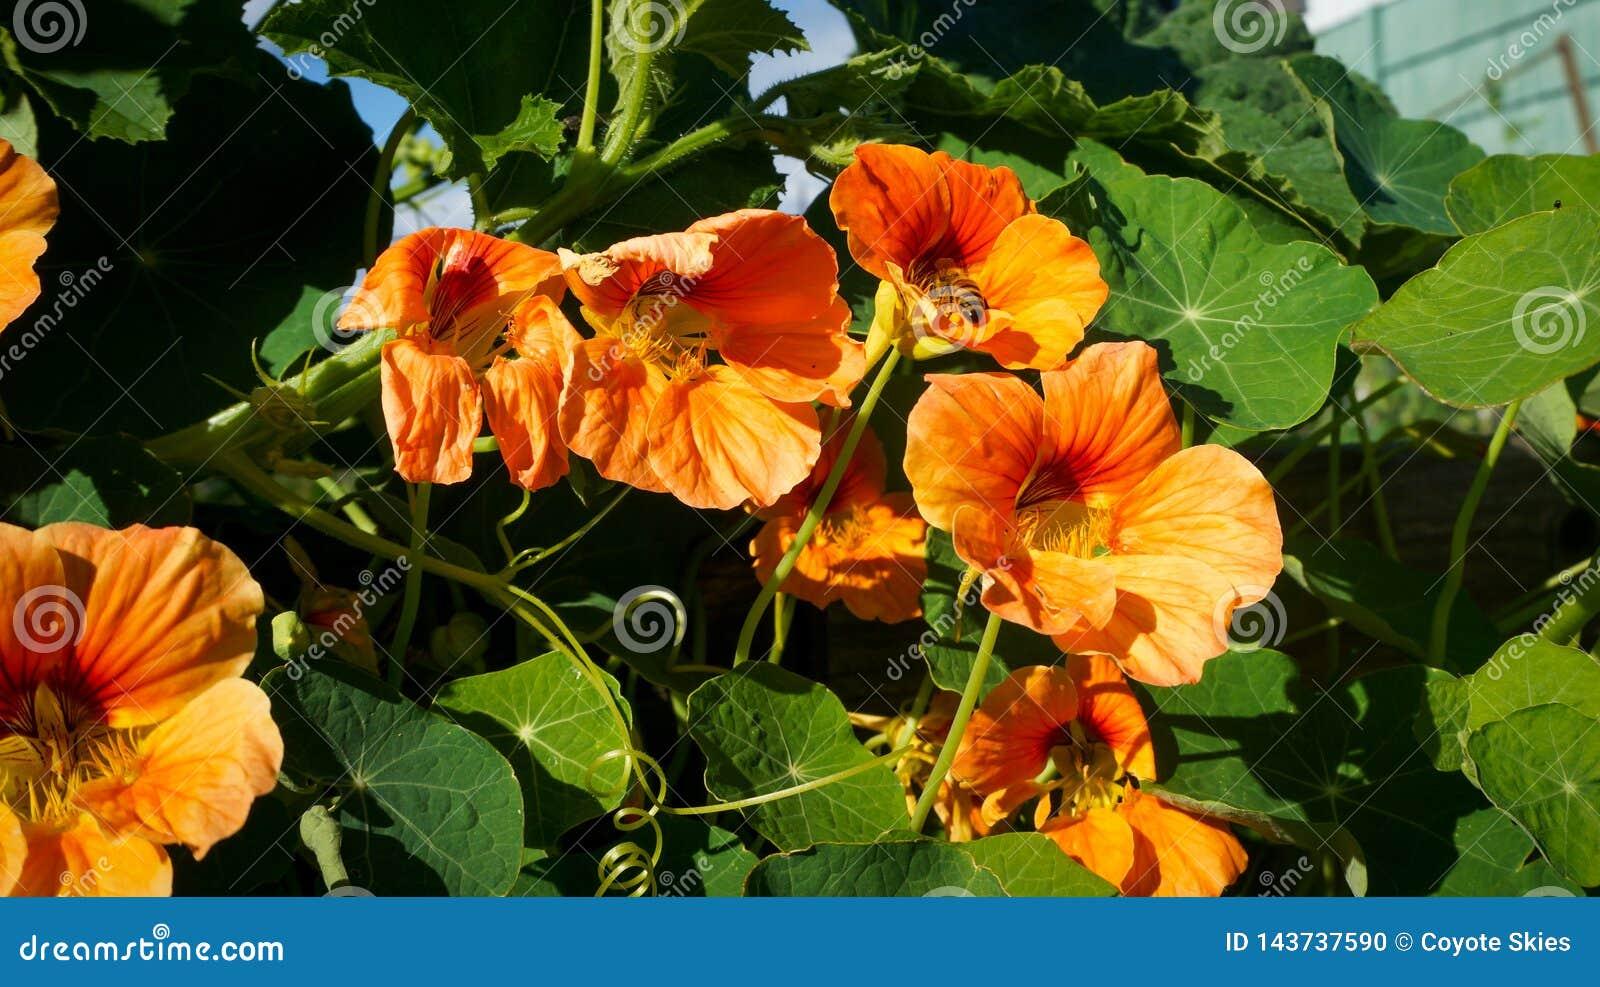 De bij verzamelt stuifmeel van oranje bloemen